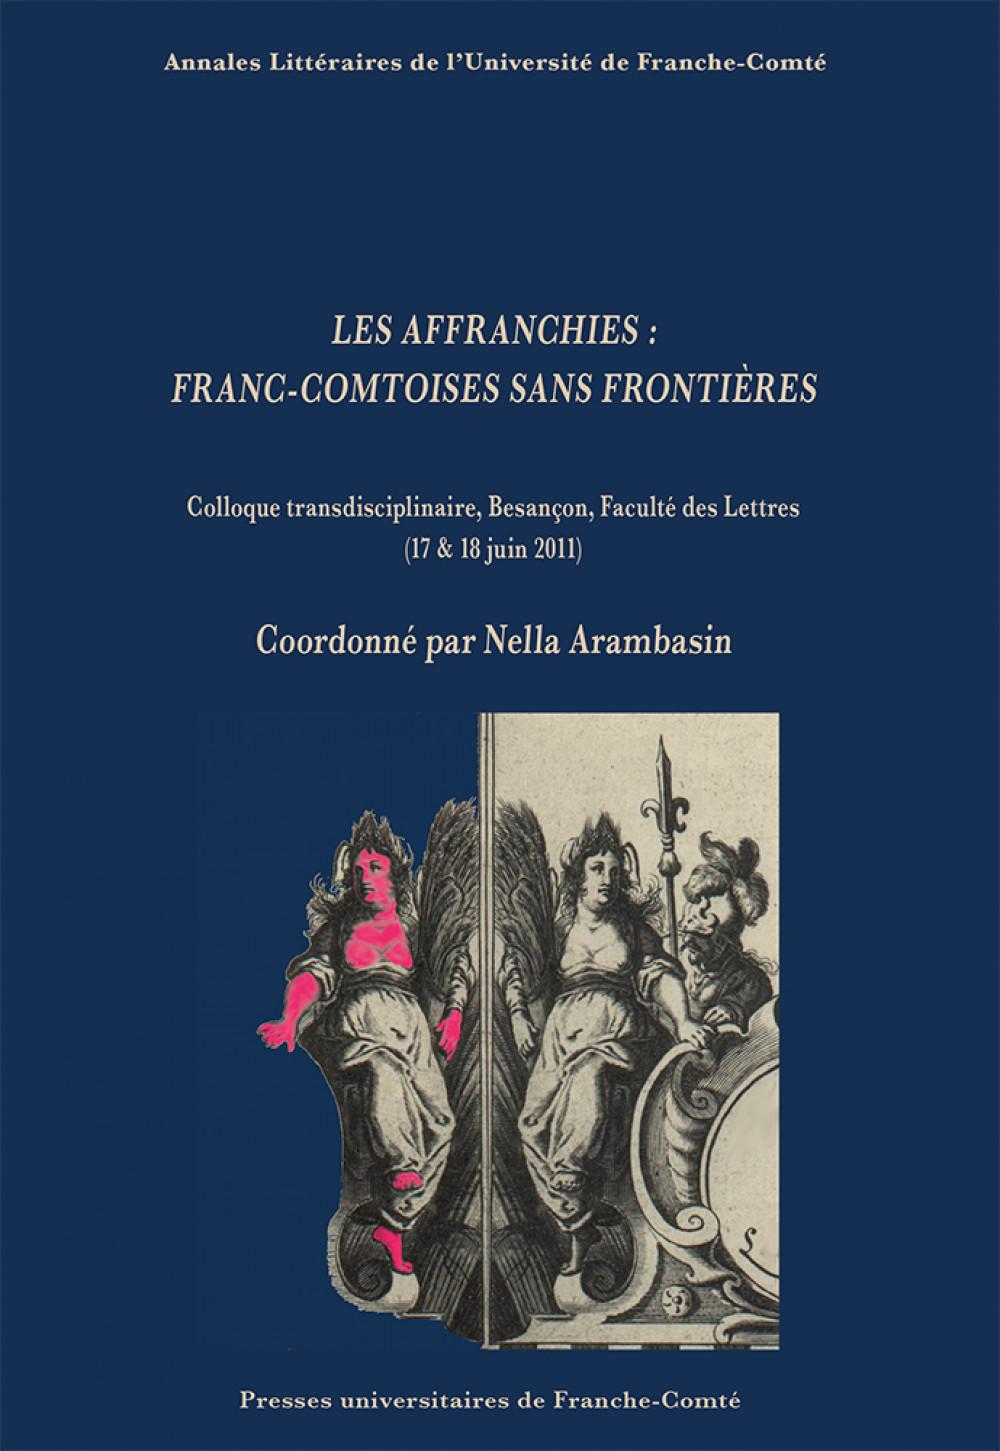 Les Affranchies : Franc-Comtoises sans frontières